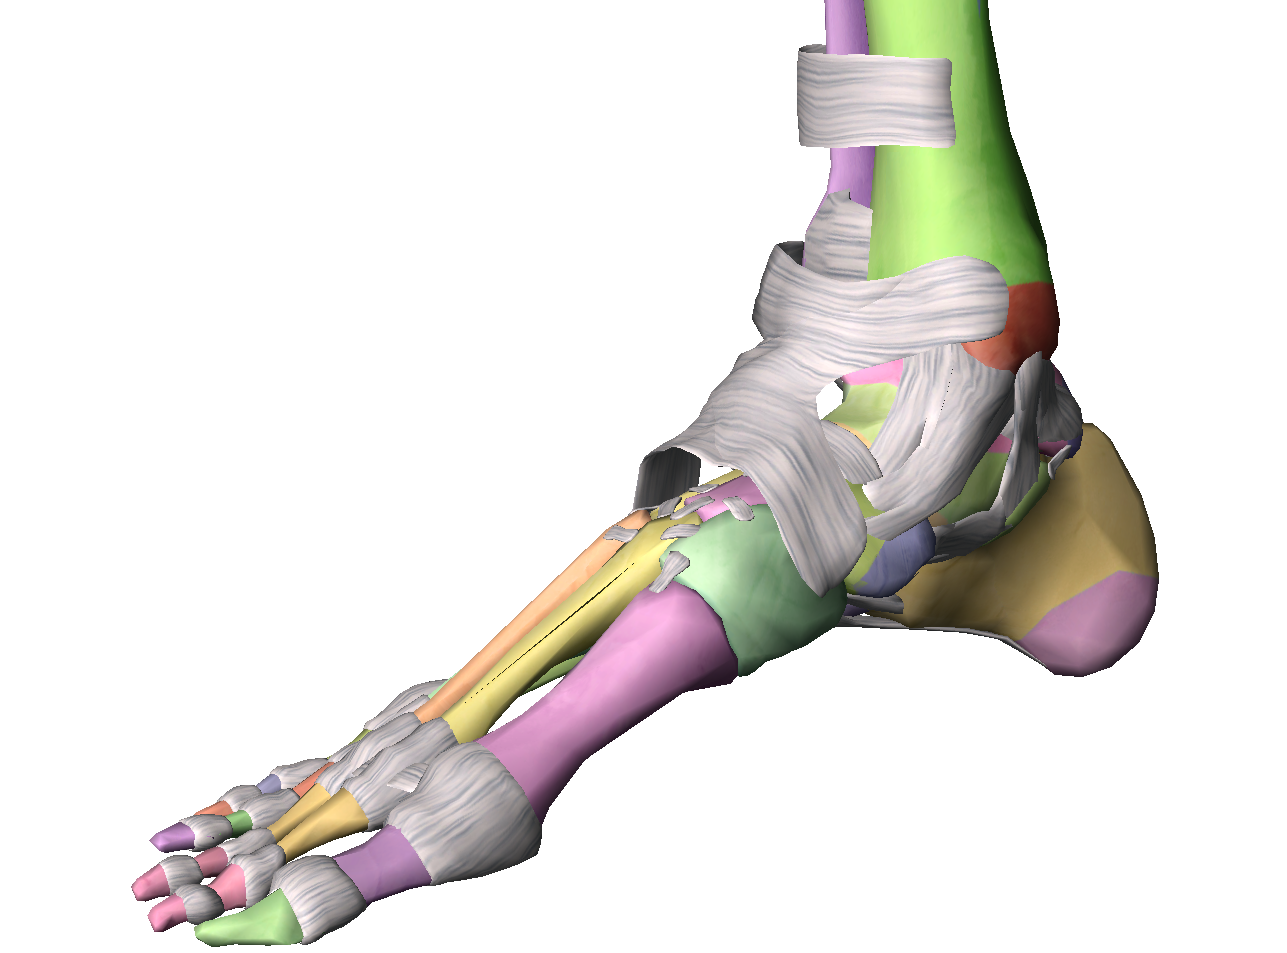 lesiones tobillo y pie clínica podológica M Mar Ruiz